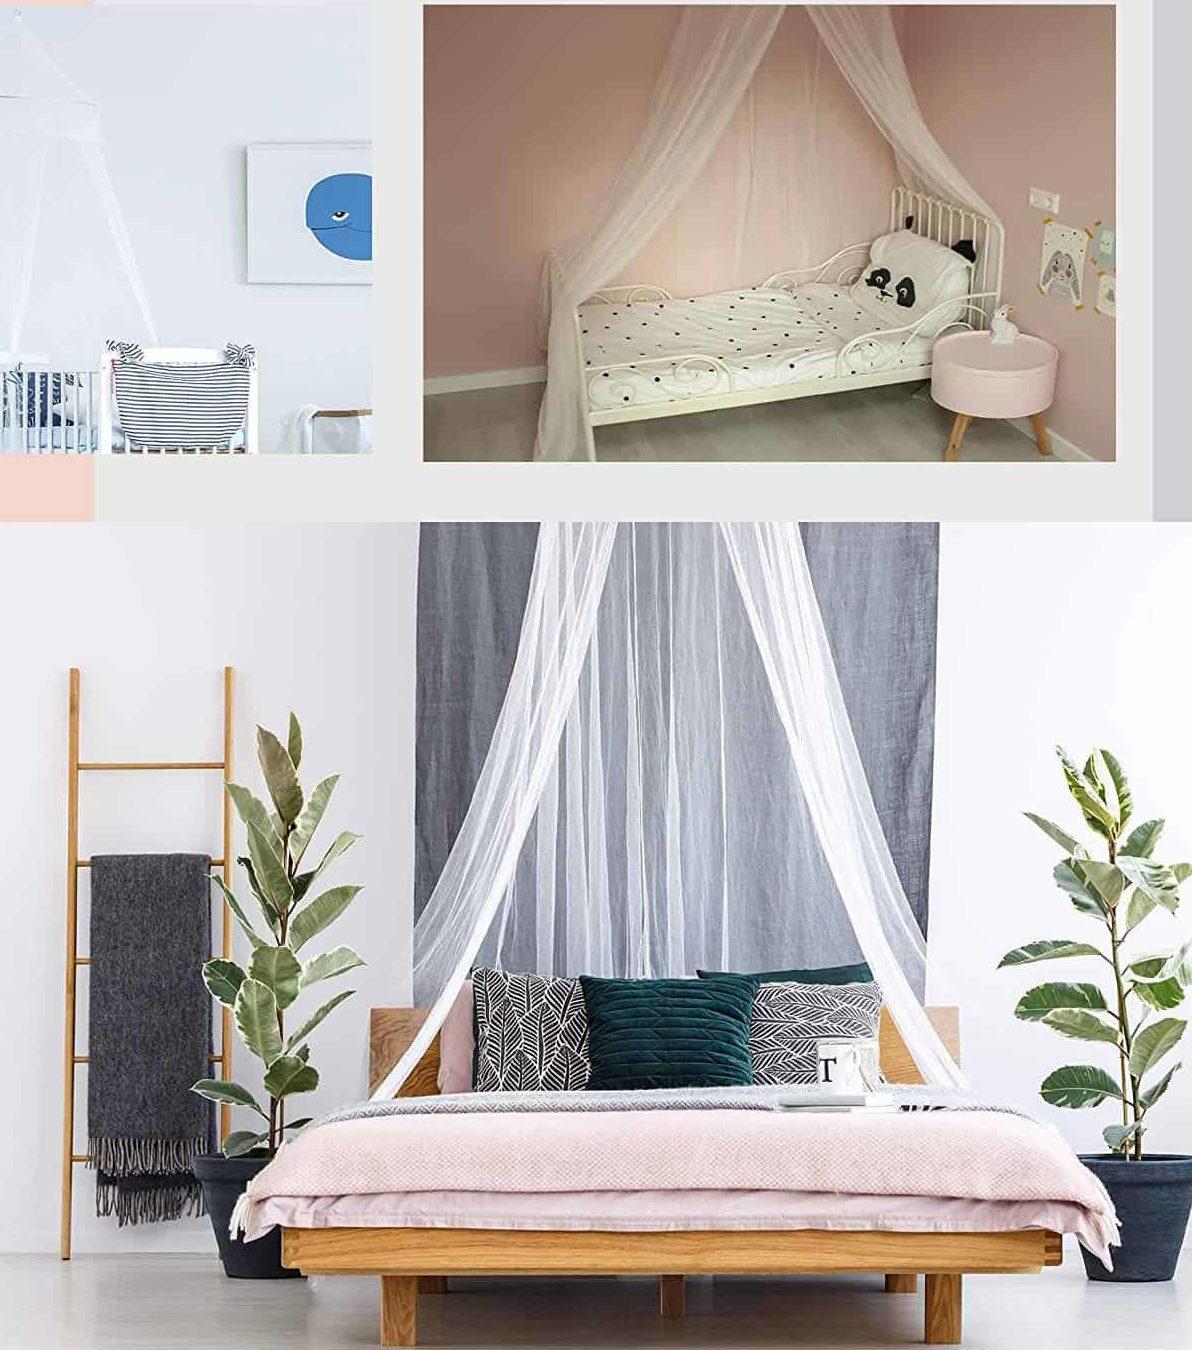 Comment Choisir Ses Rideaux comparatif : moustiquaire de porte, de fenêtre, de lit. que